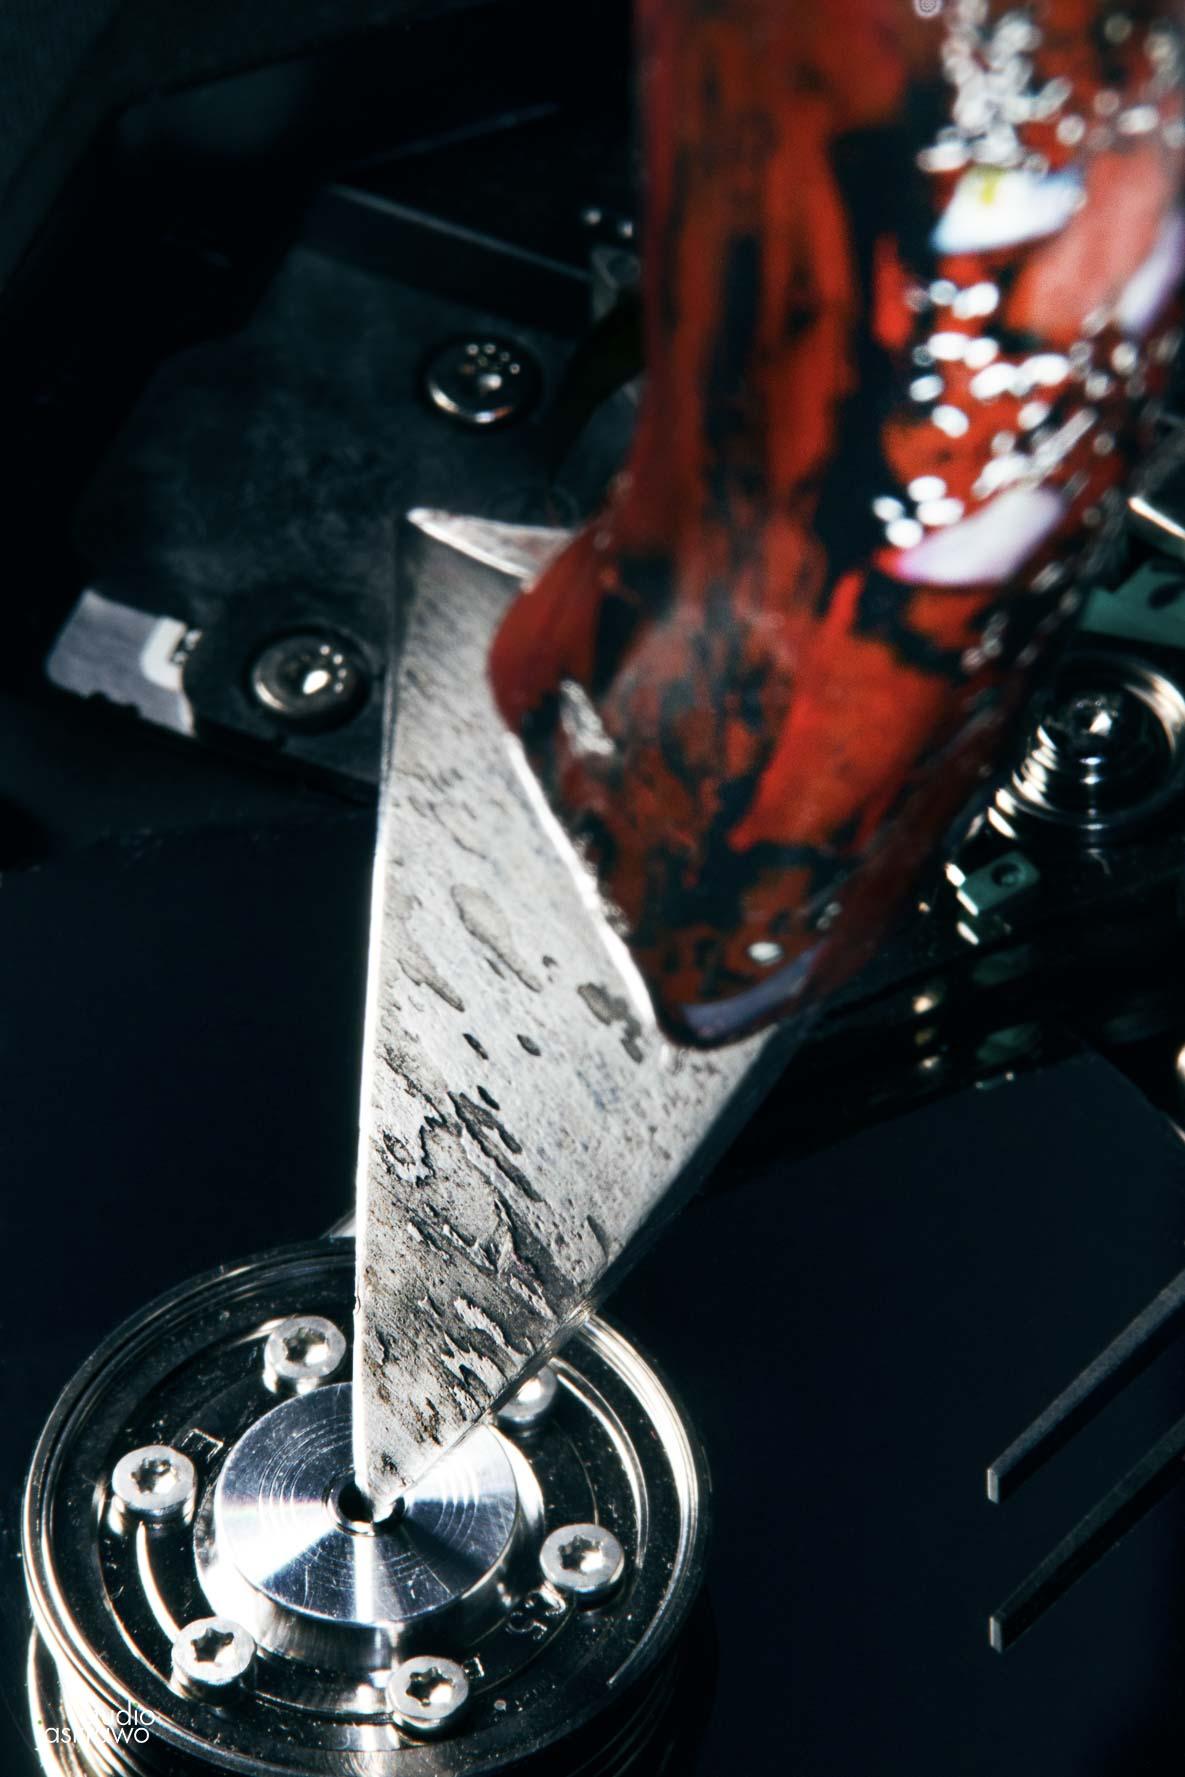 nóż z czerwoną rękojeścią postawiony pionowo